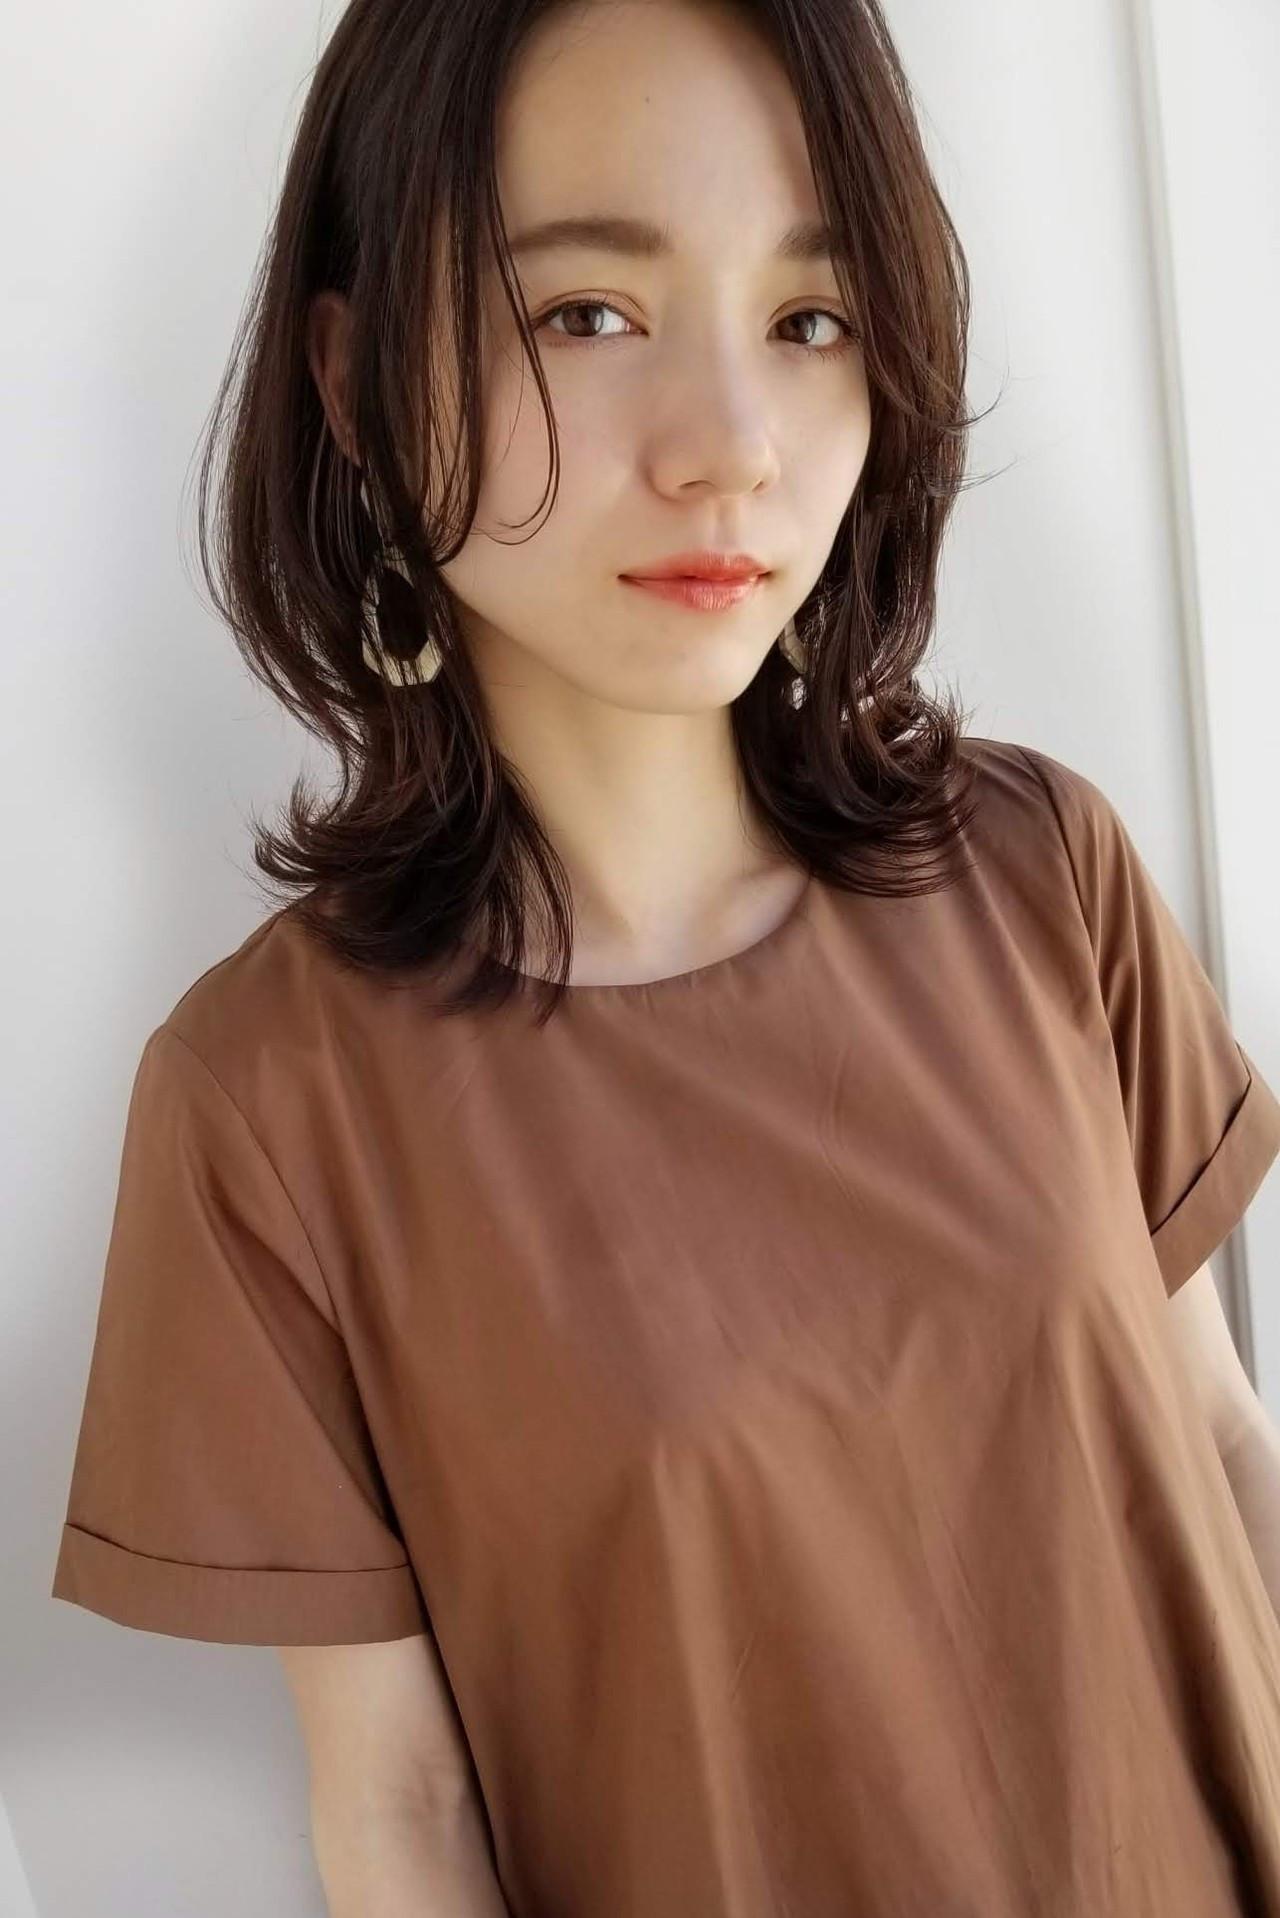 セミロング 前髪なし レイヤーカット アンニュイほつれヘア ヘアスタイルや髪型の写真・画像